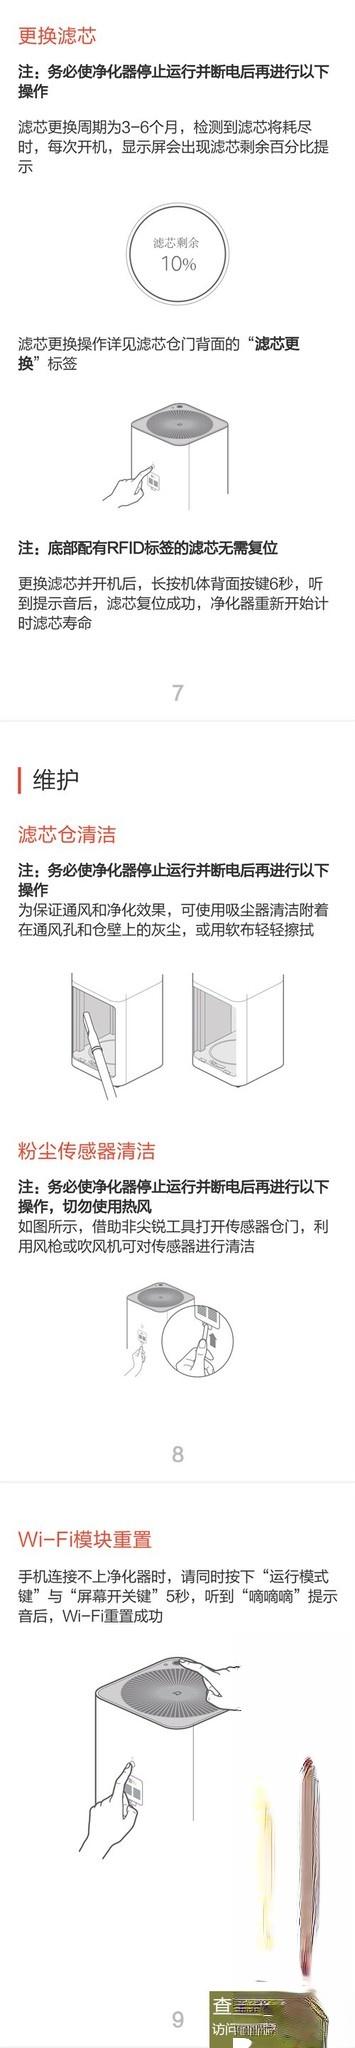 米家空气净化器Pro使用说明书